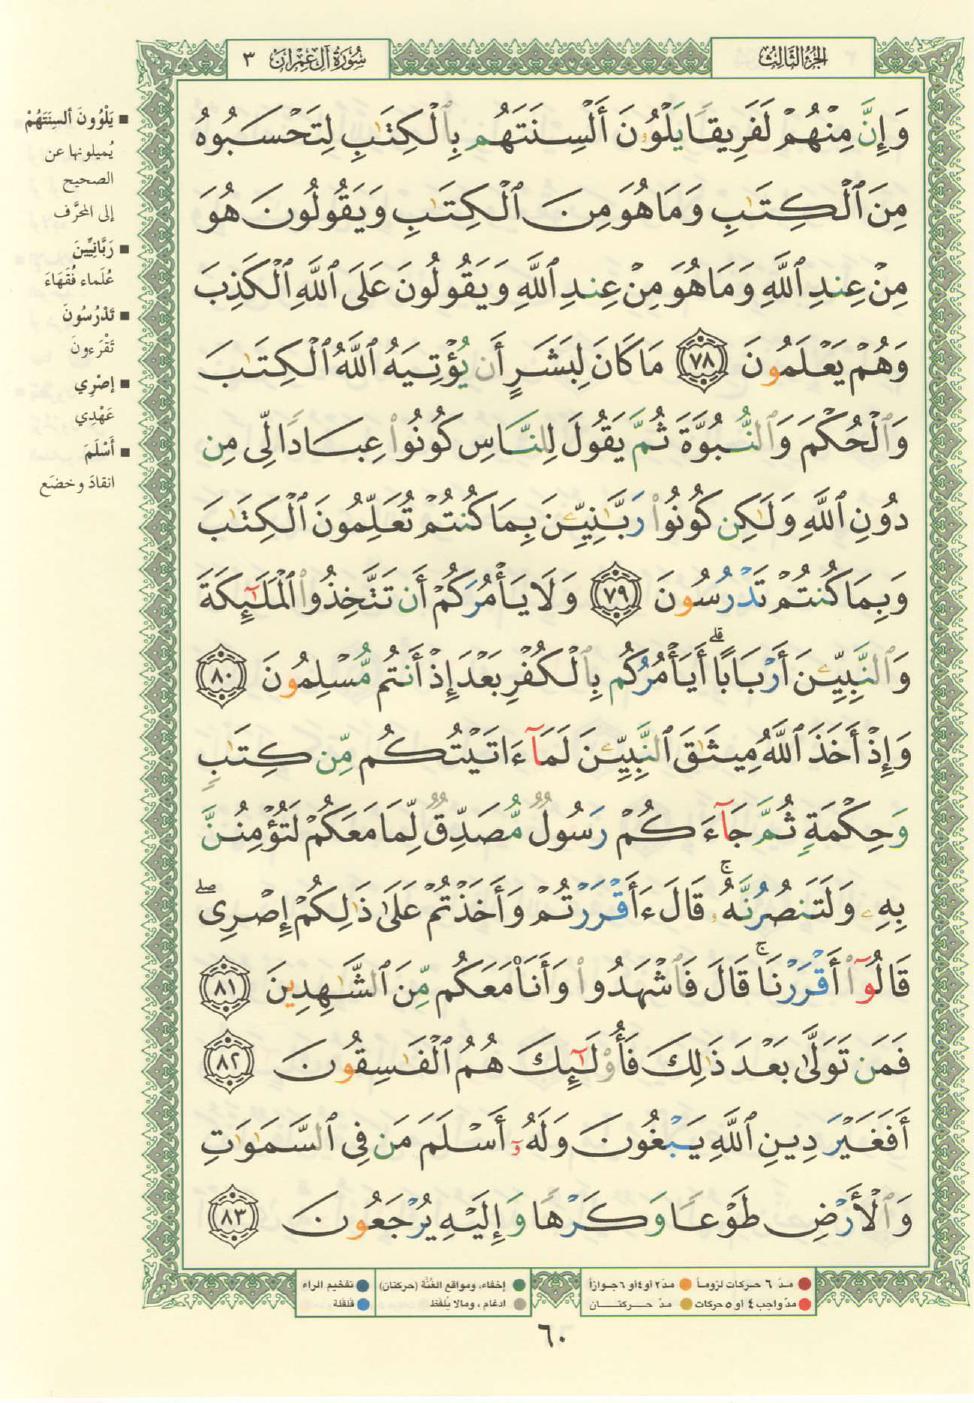 3. سورة آل عمران - Al-Imran مصورة من المصحف الشريف Quran_tajwid_000069